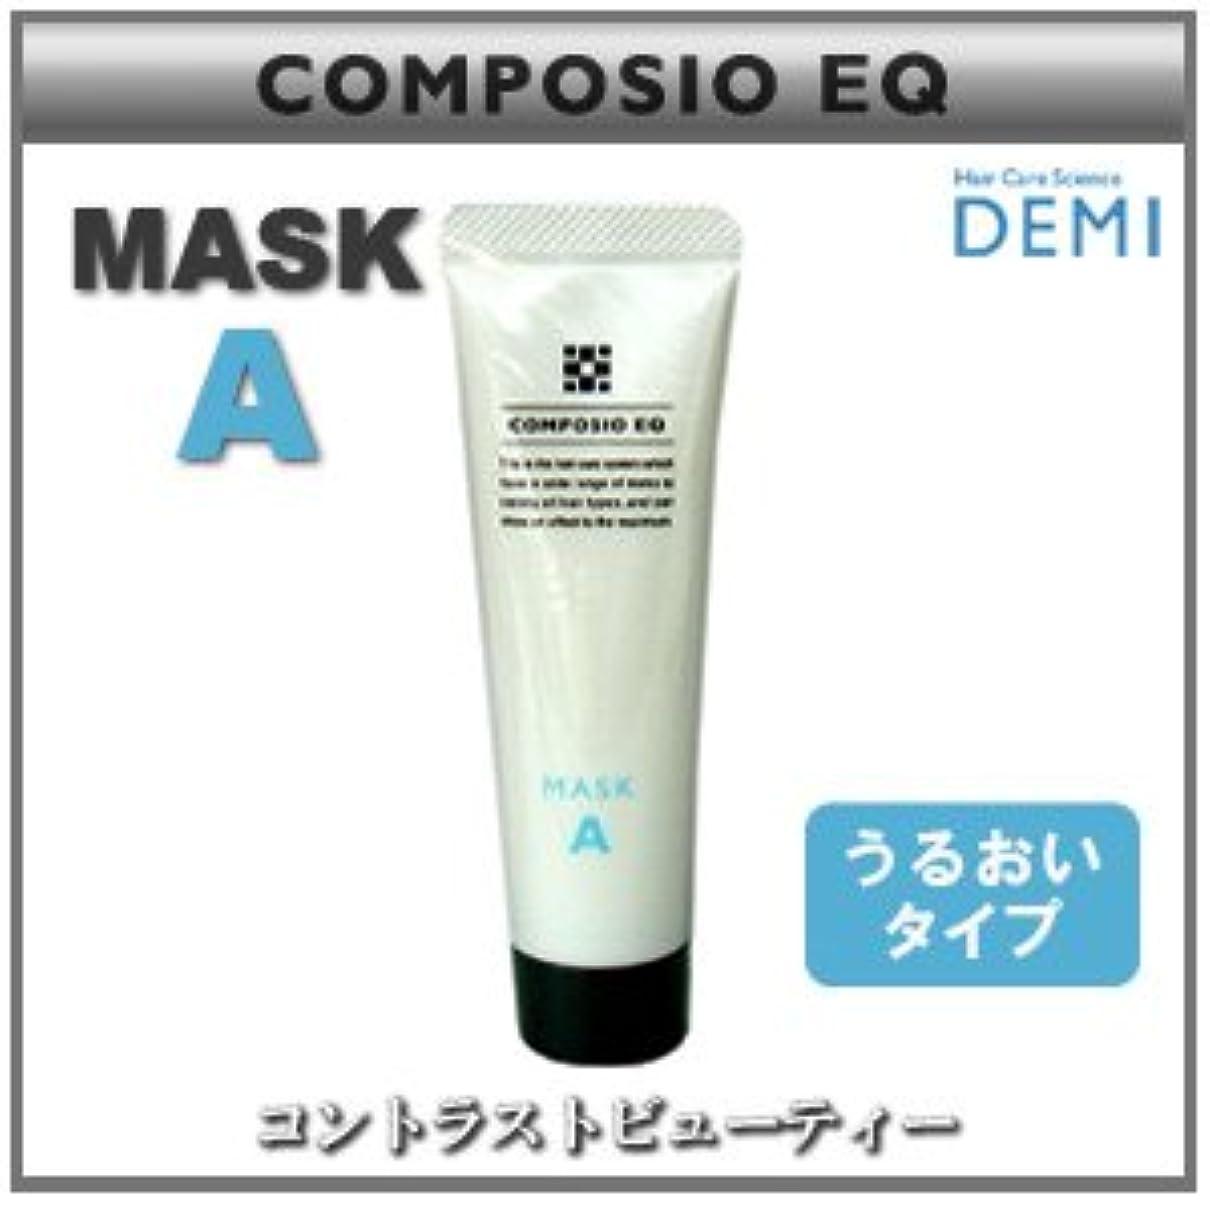 選挙楽なびっくり【X4個セット】 デミ コンポジオ EQ マスク A 50g